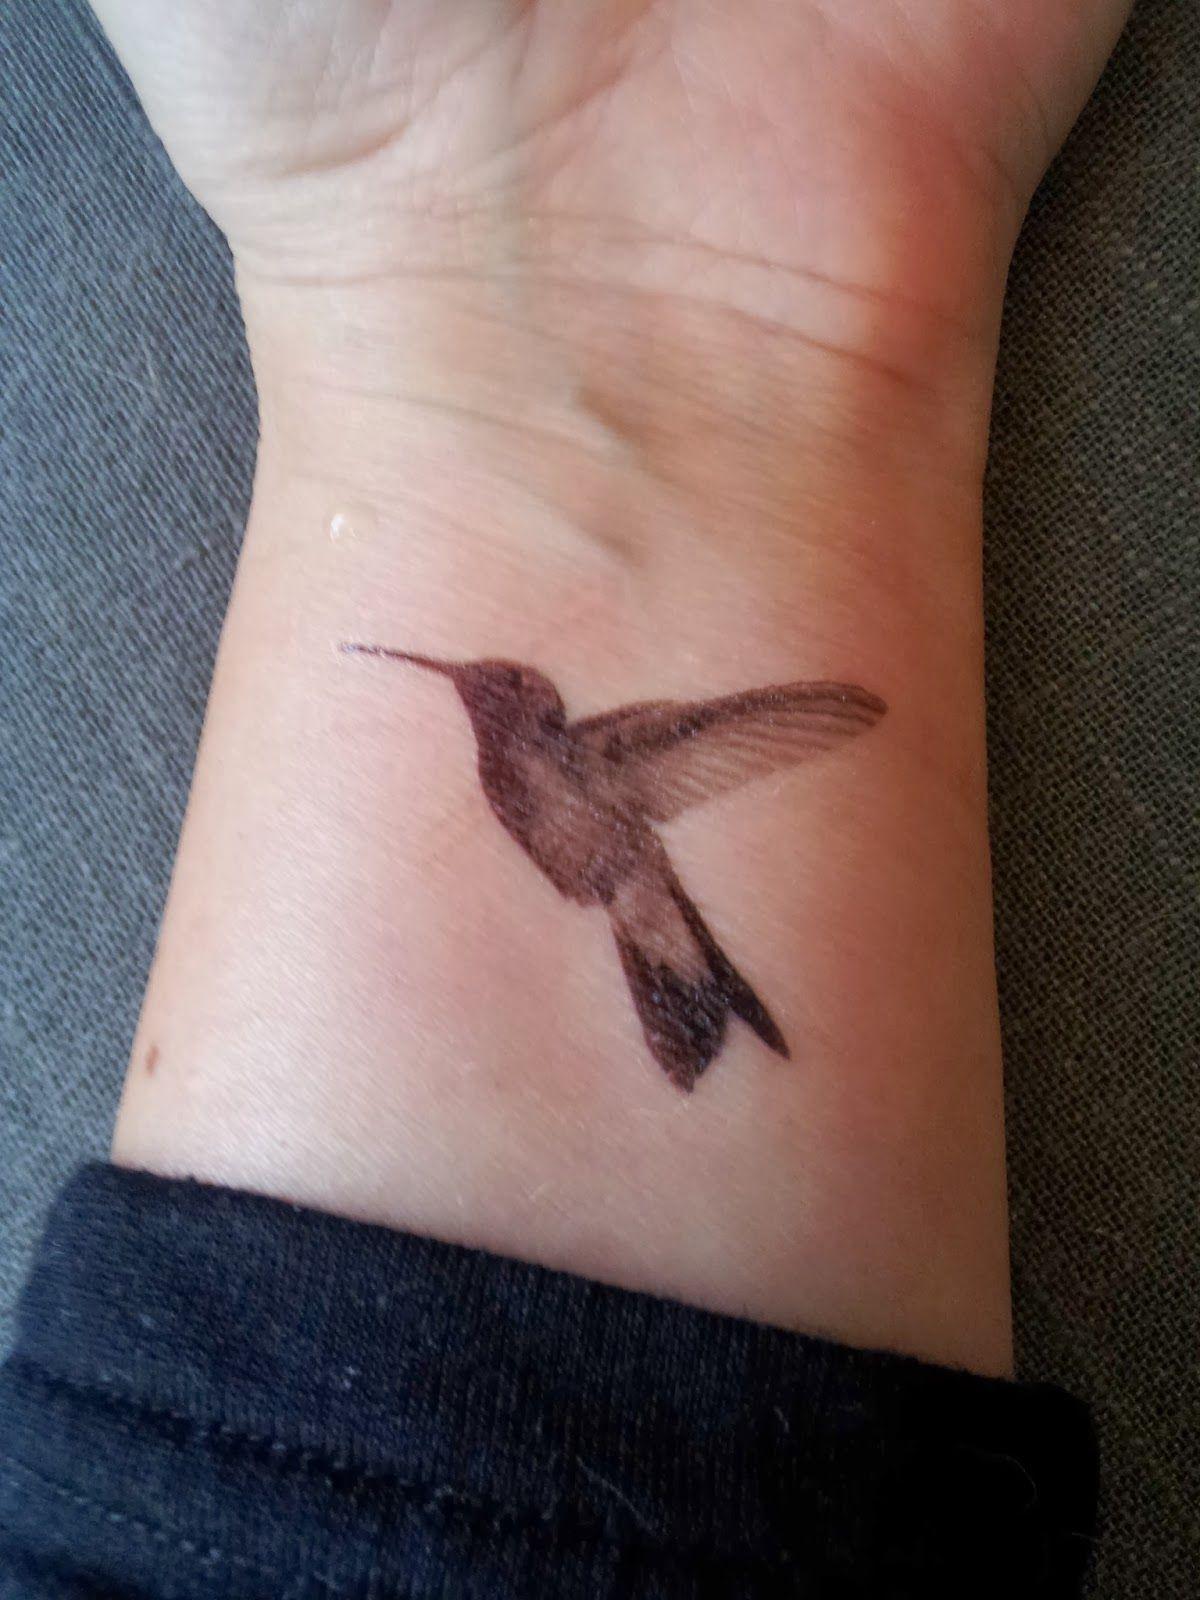 Pin by Tammy Burton on Tattoos Hummingbird tattoo